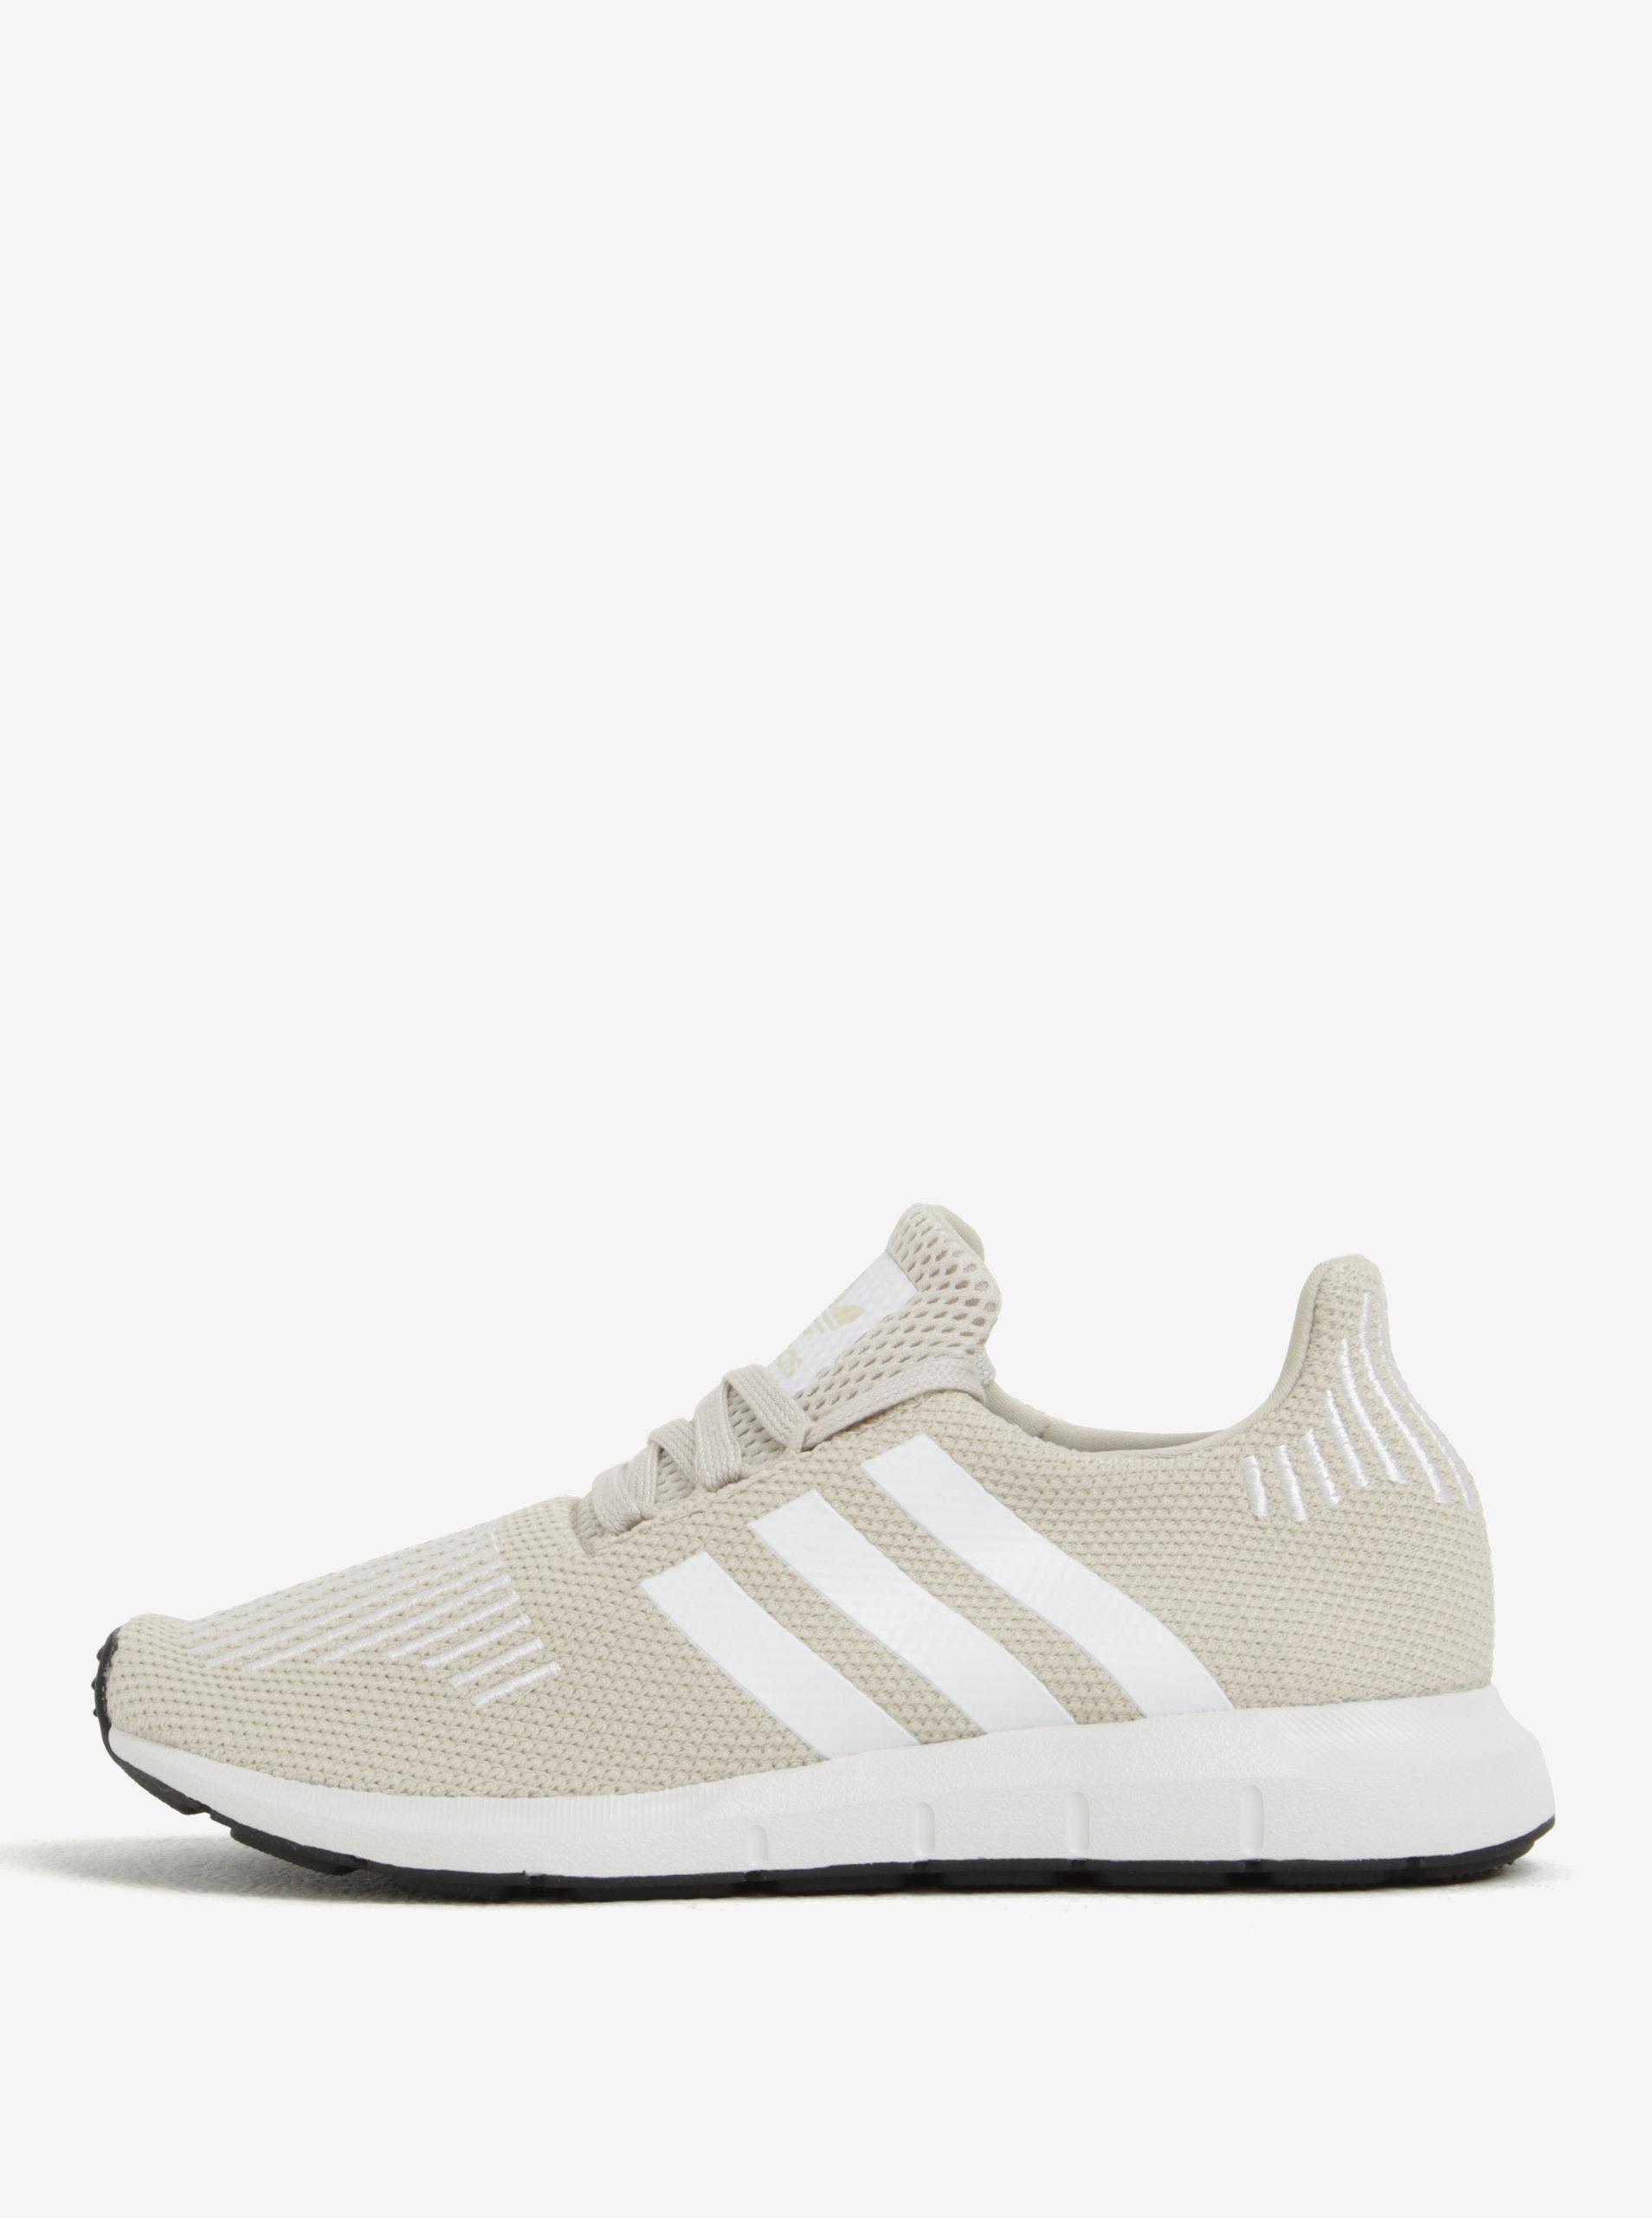 Béžové dámske tenisky adidas Originals Swift Run ... 123838534fb